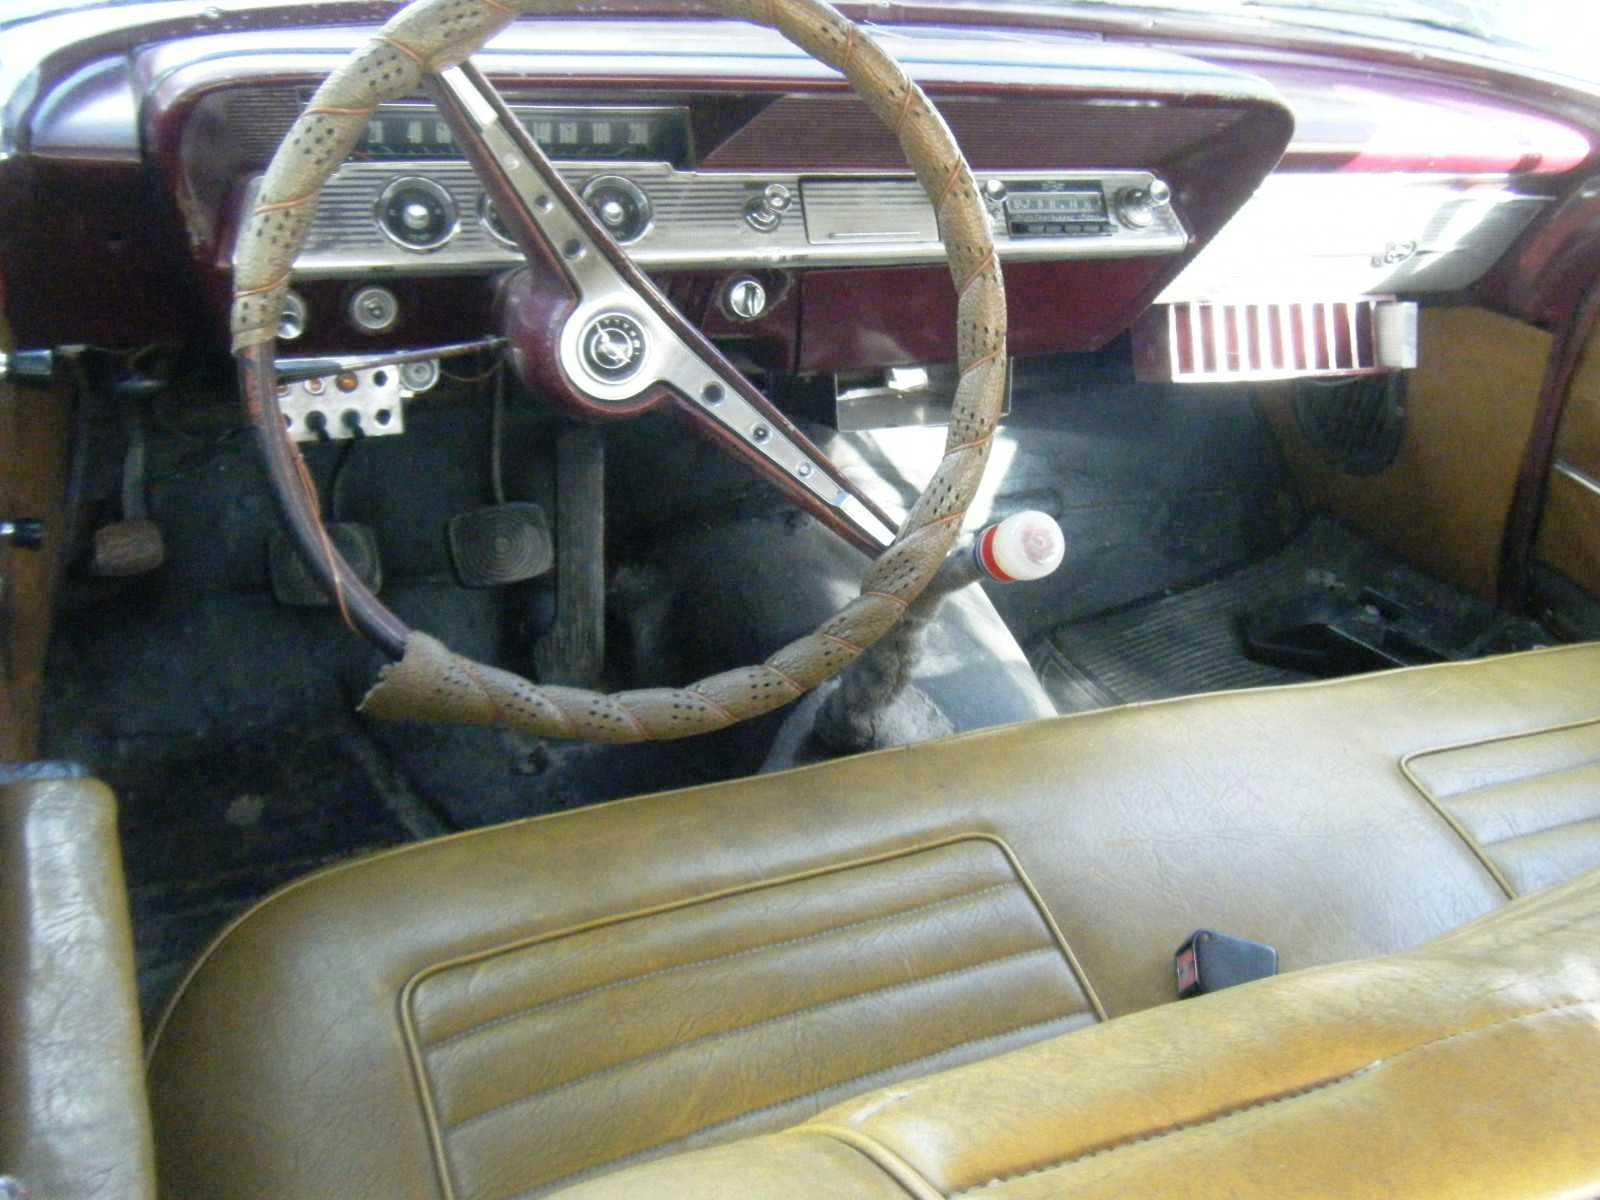 upablo-chevrolet-impala-1962-interior Chevrolet Impala